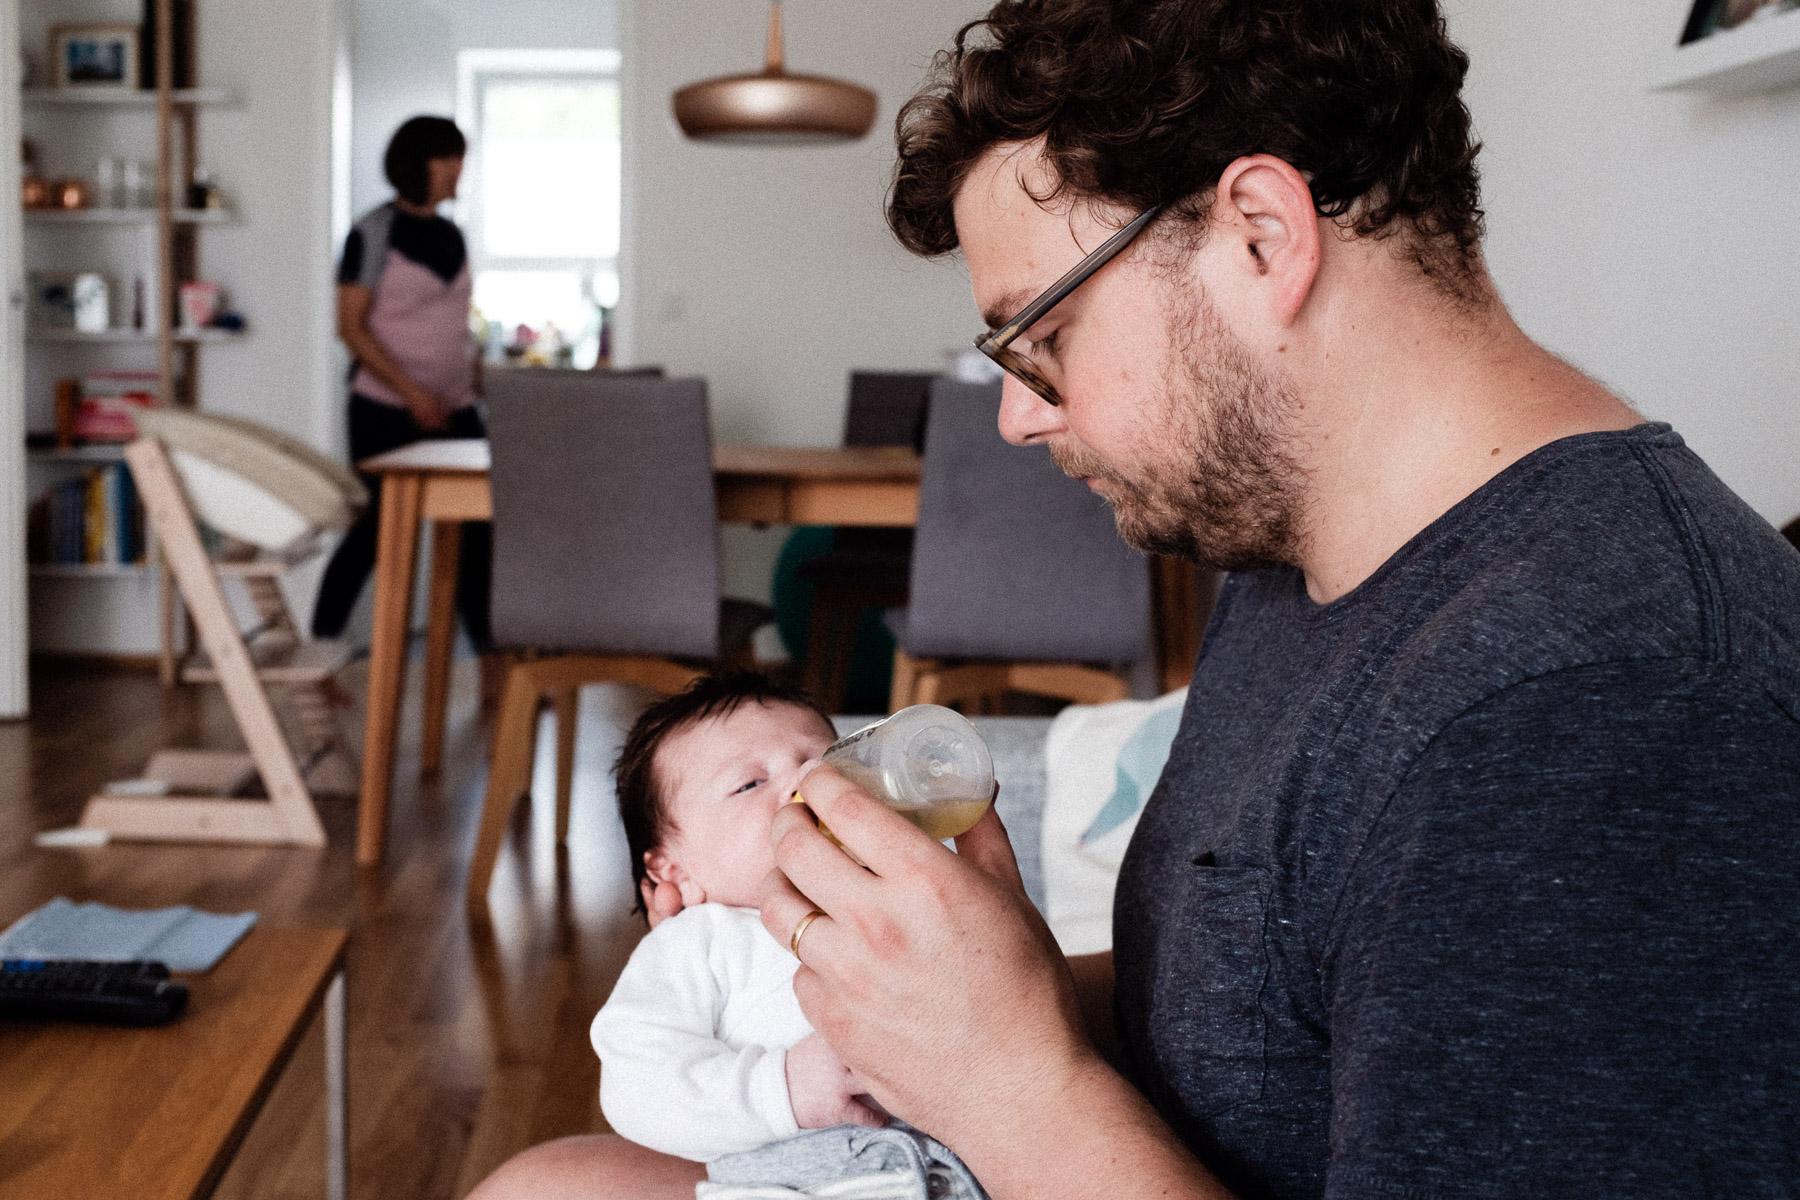 Martin_Liebl_Kein_Familienfotograf_M_Blog_10.jpg